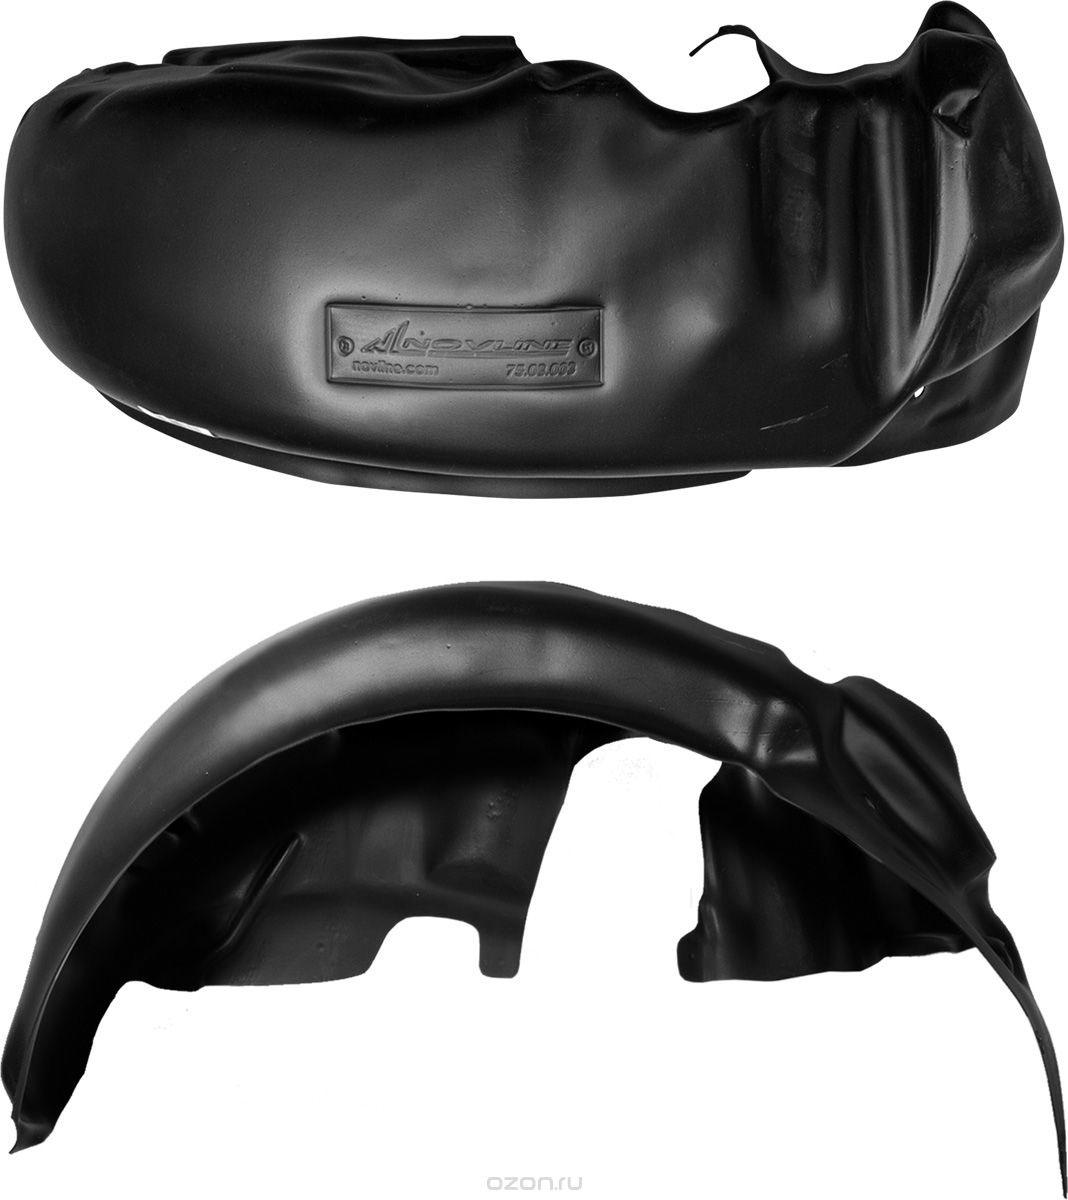 Подкрылок Novline-Autofamily, для FORD Ecosport 2WD, 2014->, задний левый238000Идеальная защита колесной ниши. Локеры разработаны с применением цифровых технологий, гарантируют максимальную повторяемость поверхности арки. Изделия устанавливаются без нарушения лакокрасочного покрытия автомобиля, каждый подкрылок комплектуется крепежом. Уважаемые клиенты, обращаем ваше внимание, что фотографии на подкрылки универсальные и не отражают реальную форму изделия. При этом само изделие идет точно под размер указанного автомобиля.